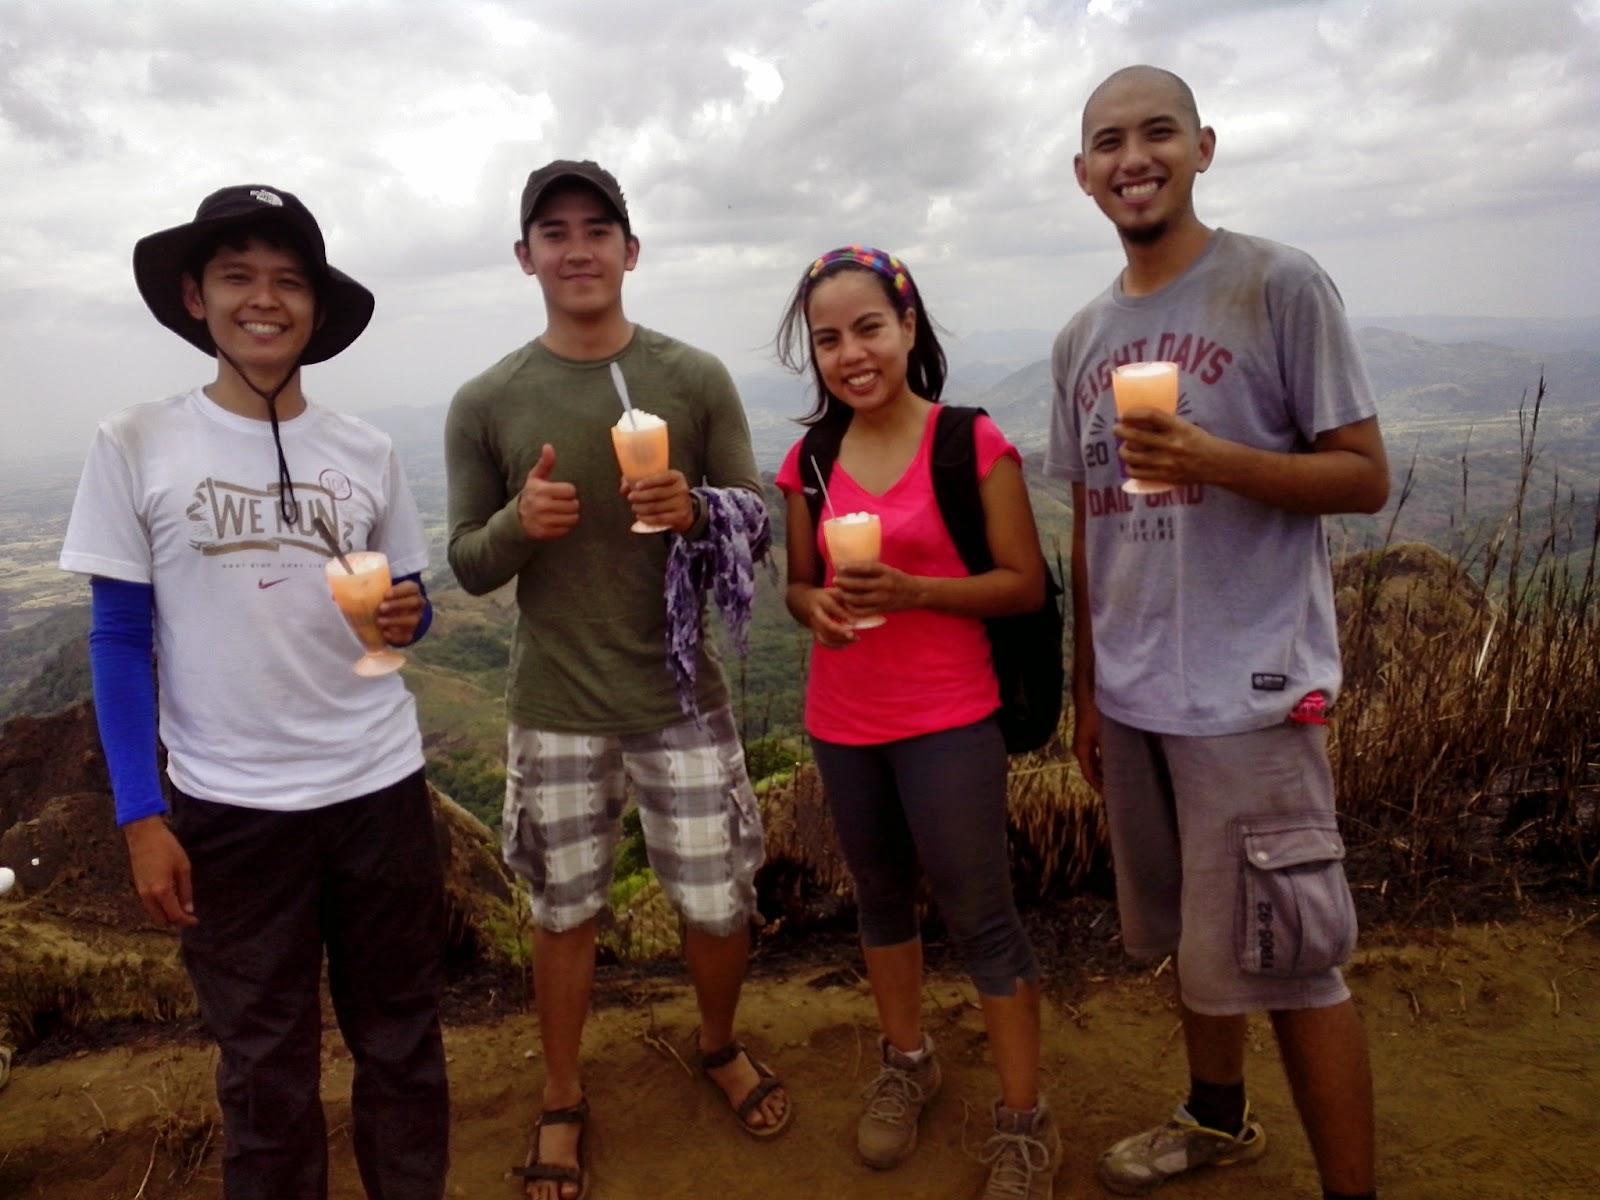 Mt. Batulao Summit - Halo atop the Mountain